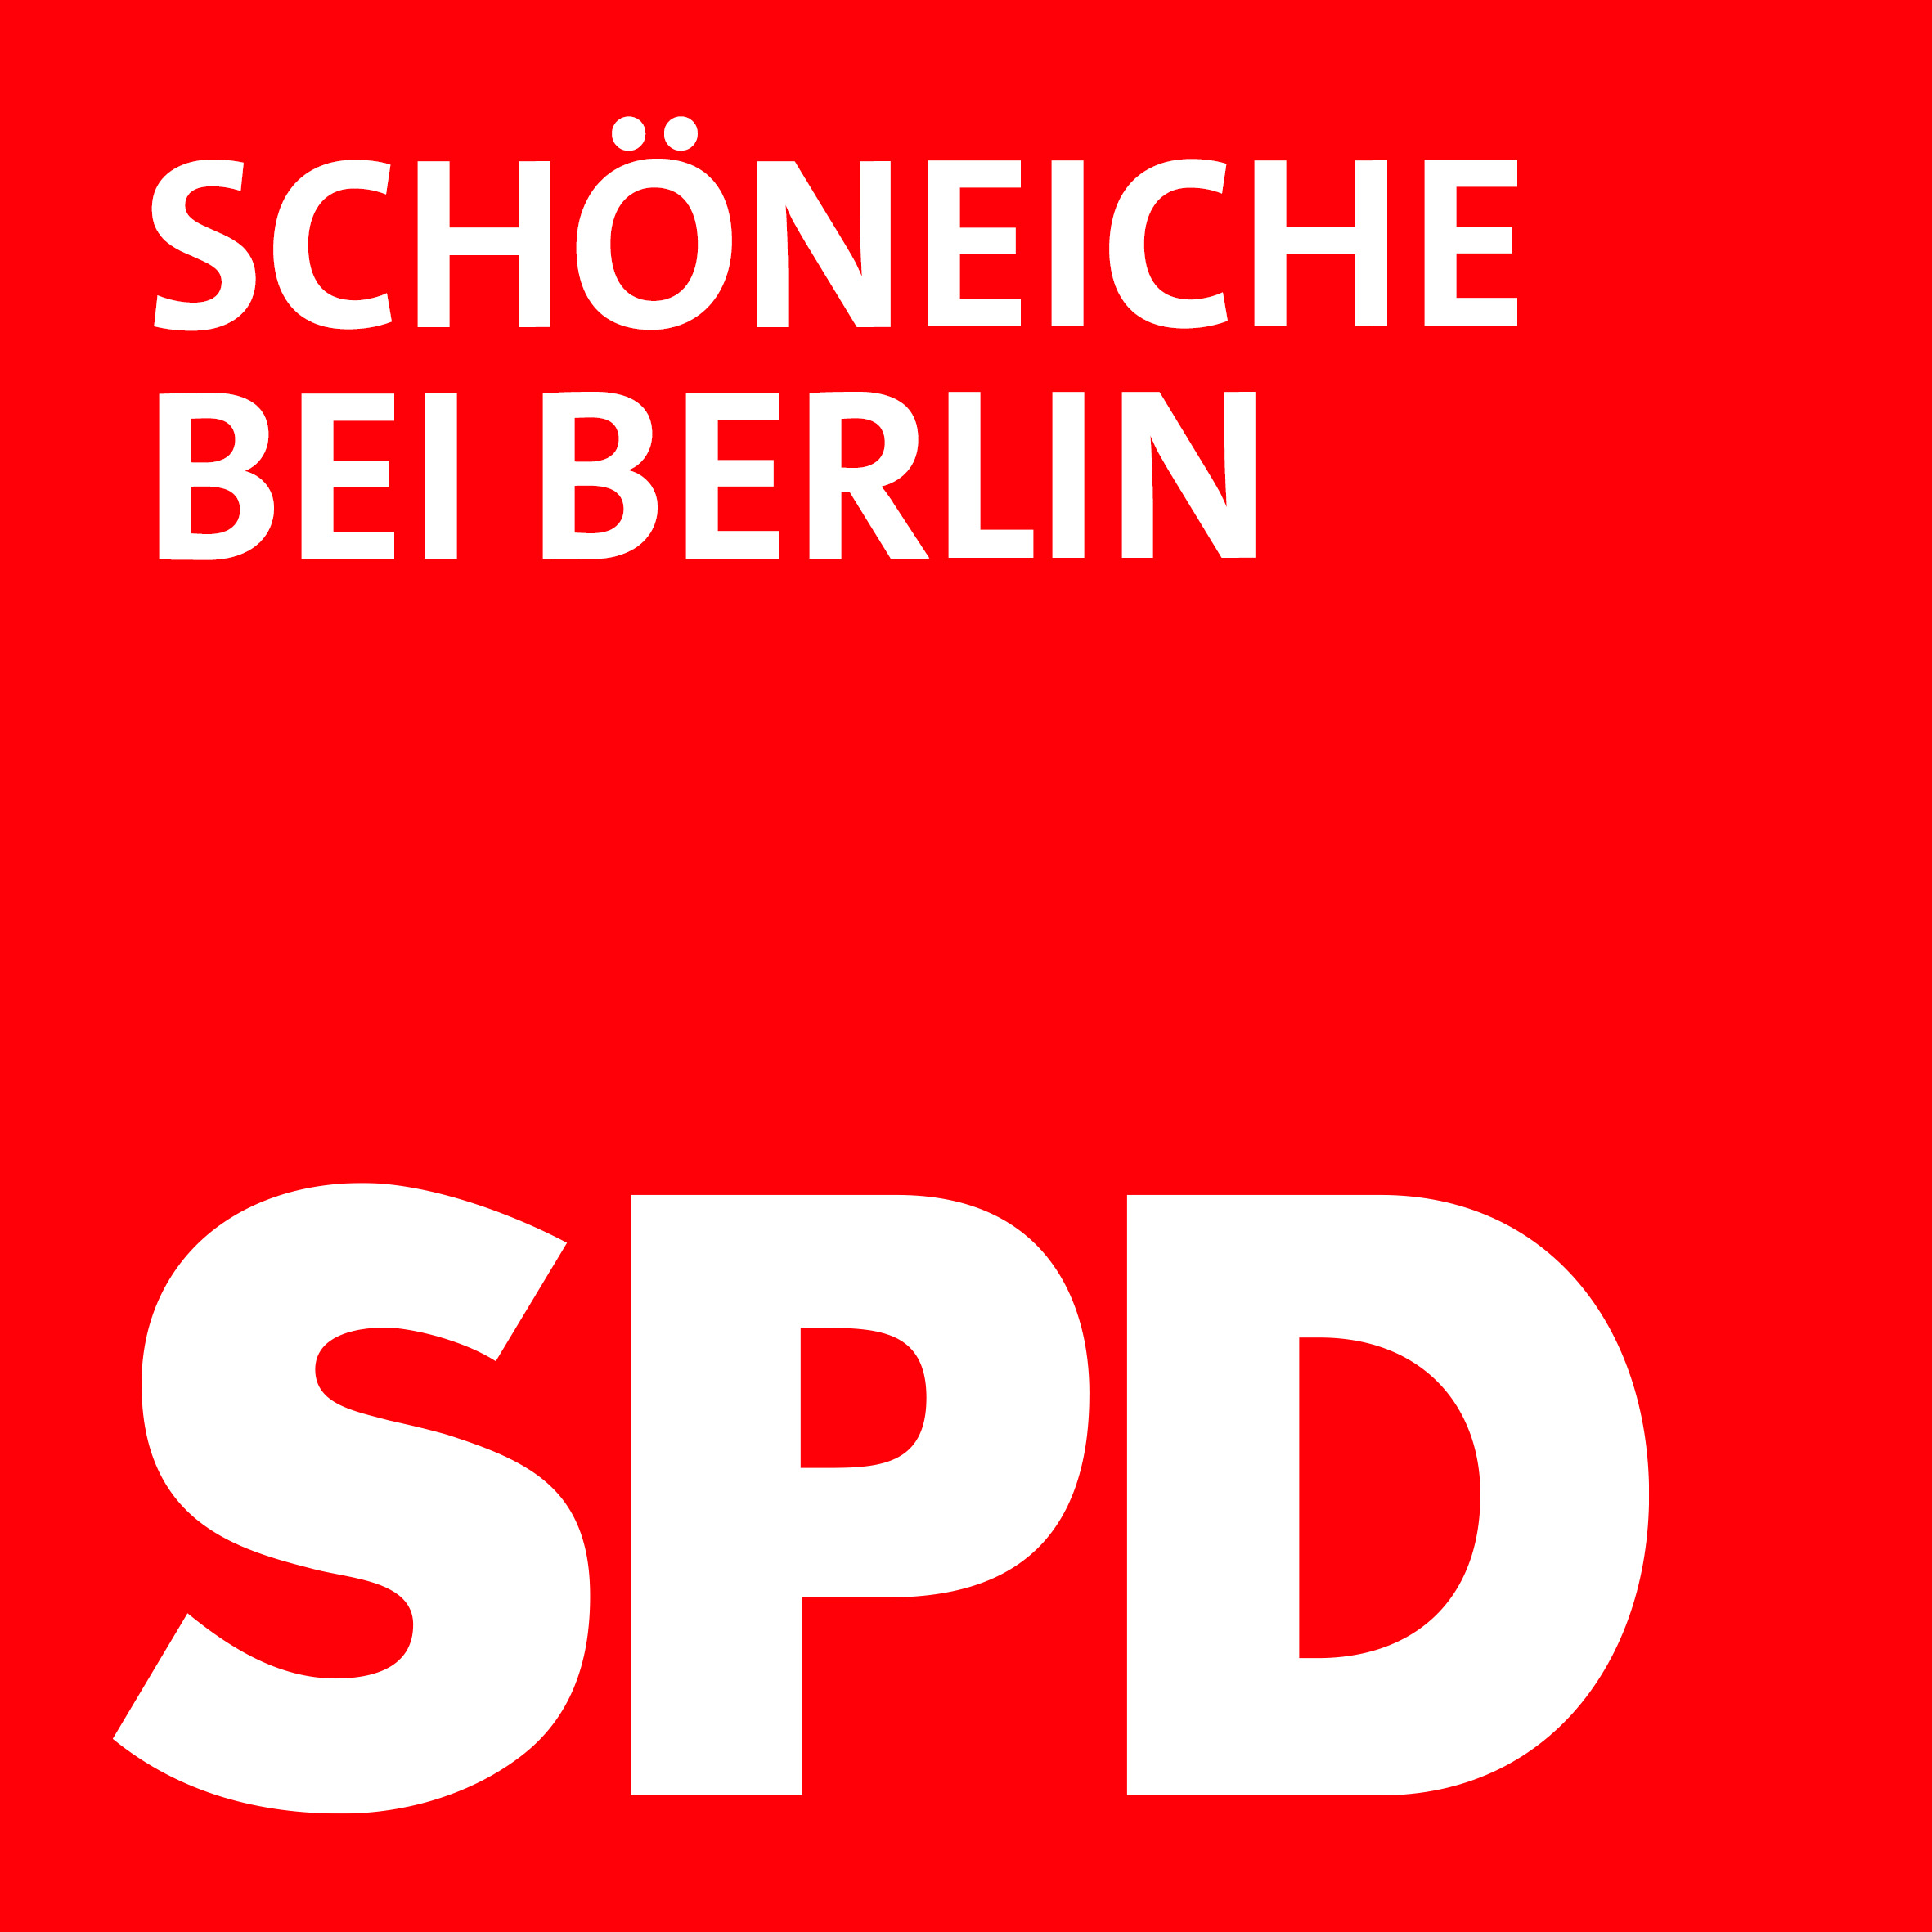 SPD Schöneiche bei Berlin